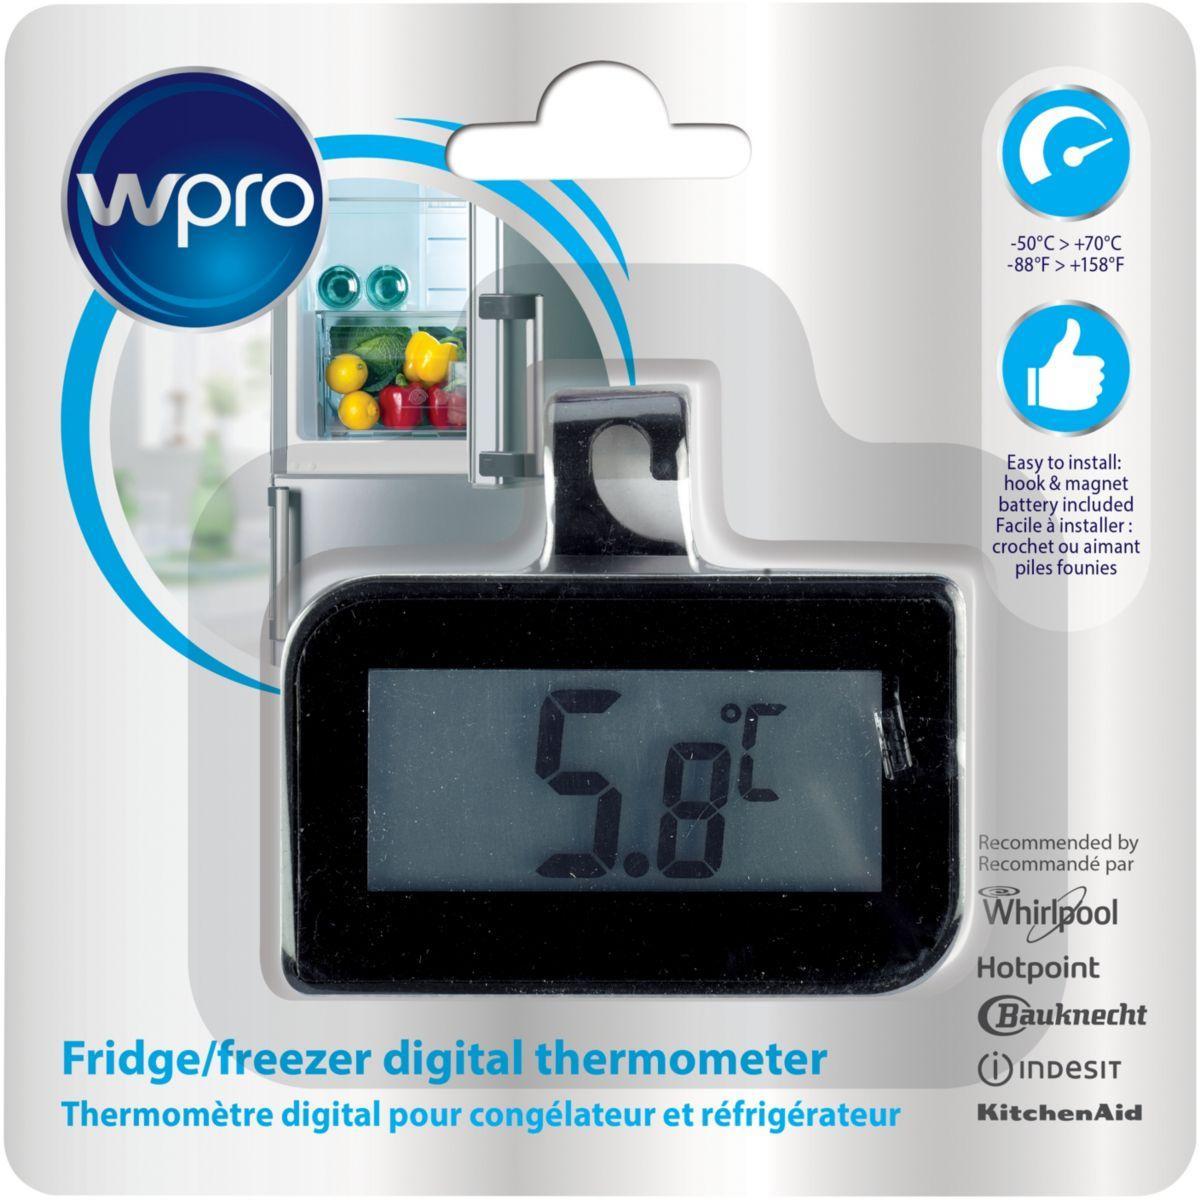 Thermom�tre wpro pour r�frig�rateur bdt102 - livraison offerte : code livr (photo)